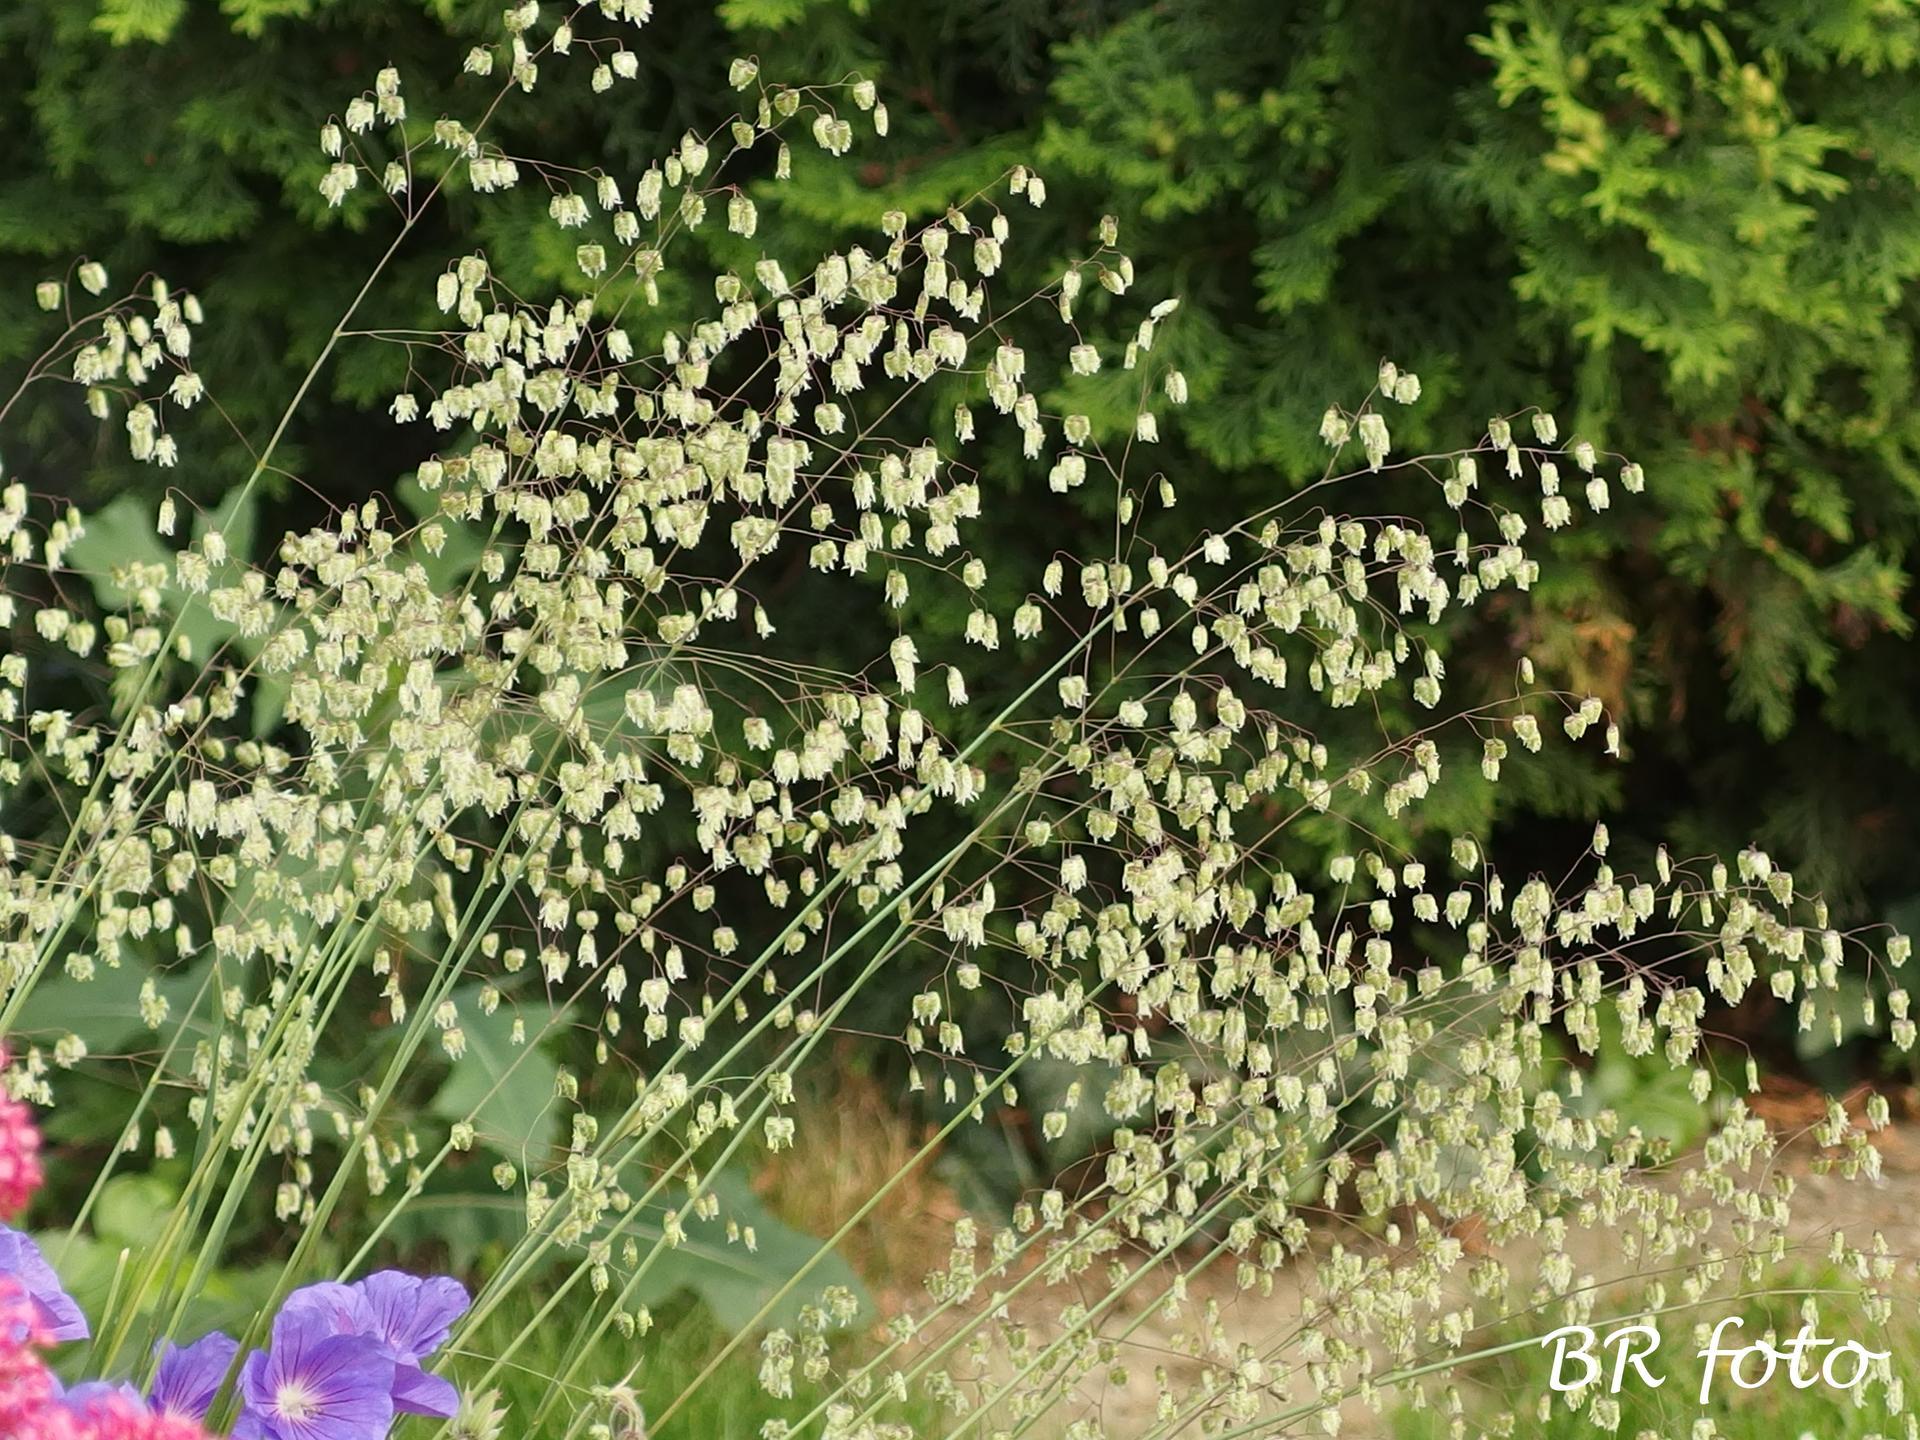 Zahrada v červnu - vše roste a kvete jako o život.... - briza media - třeslice prostřední, tráva - trvalka